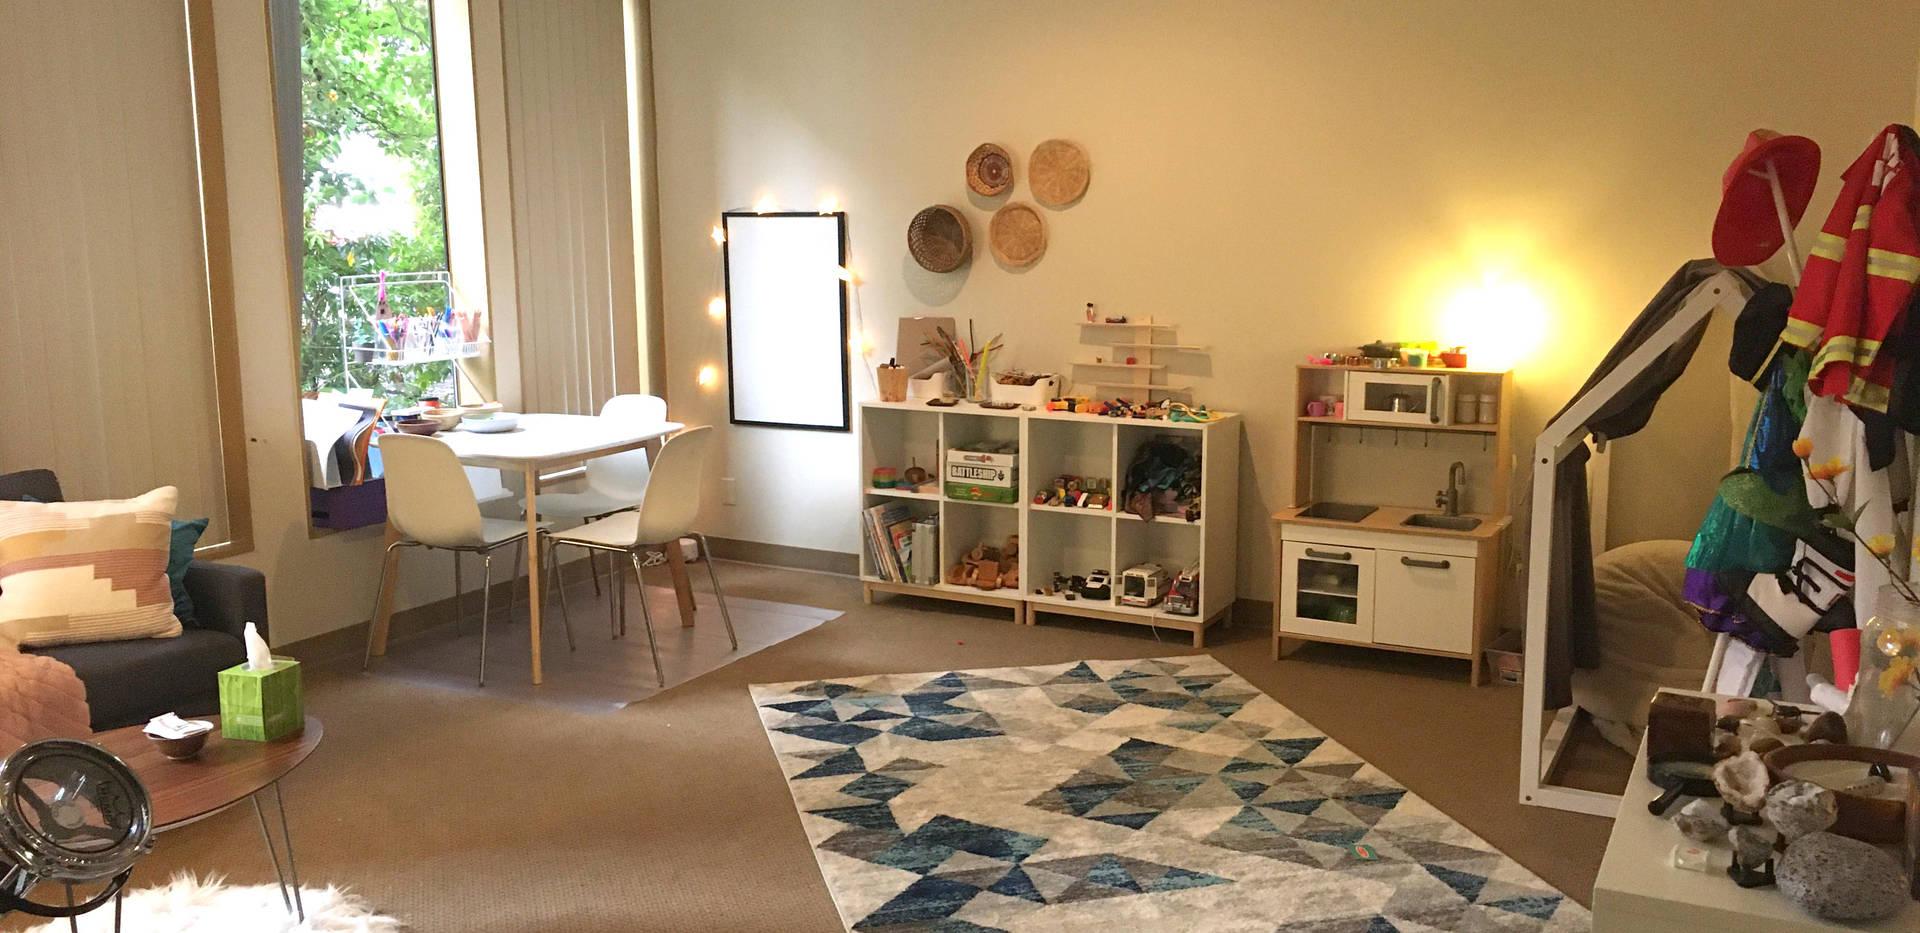 Rebekah's Office